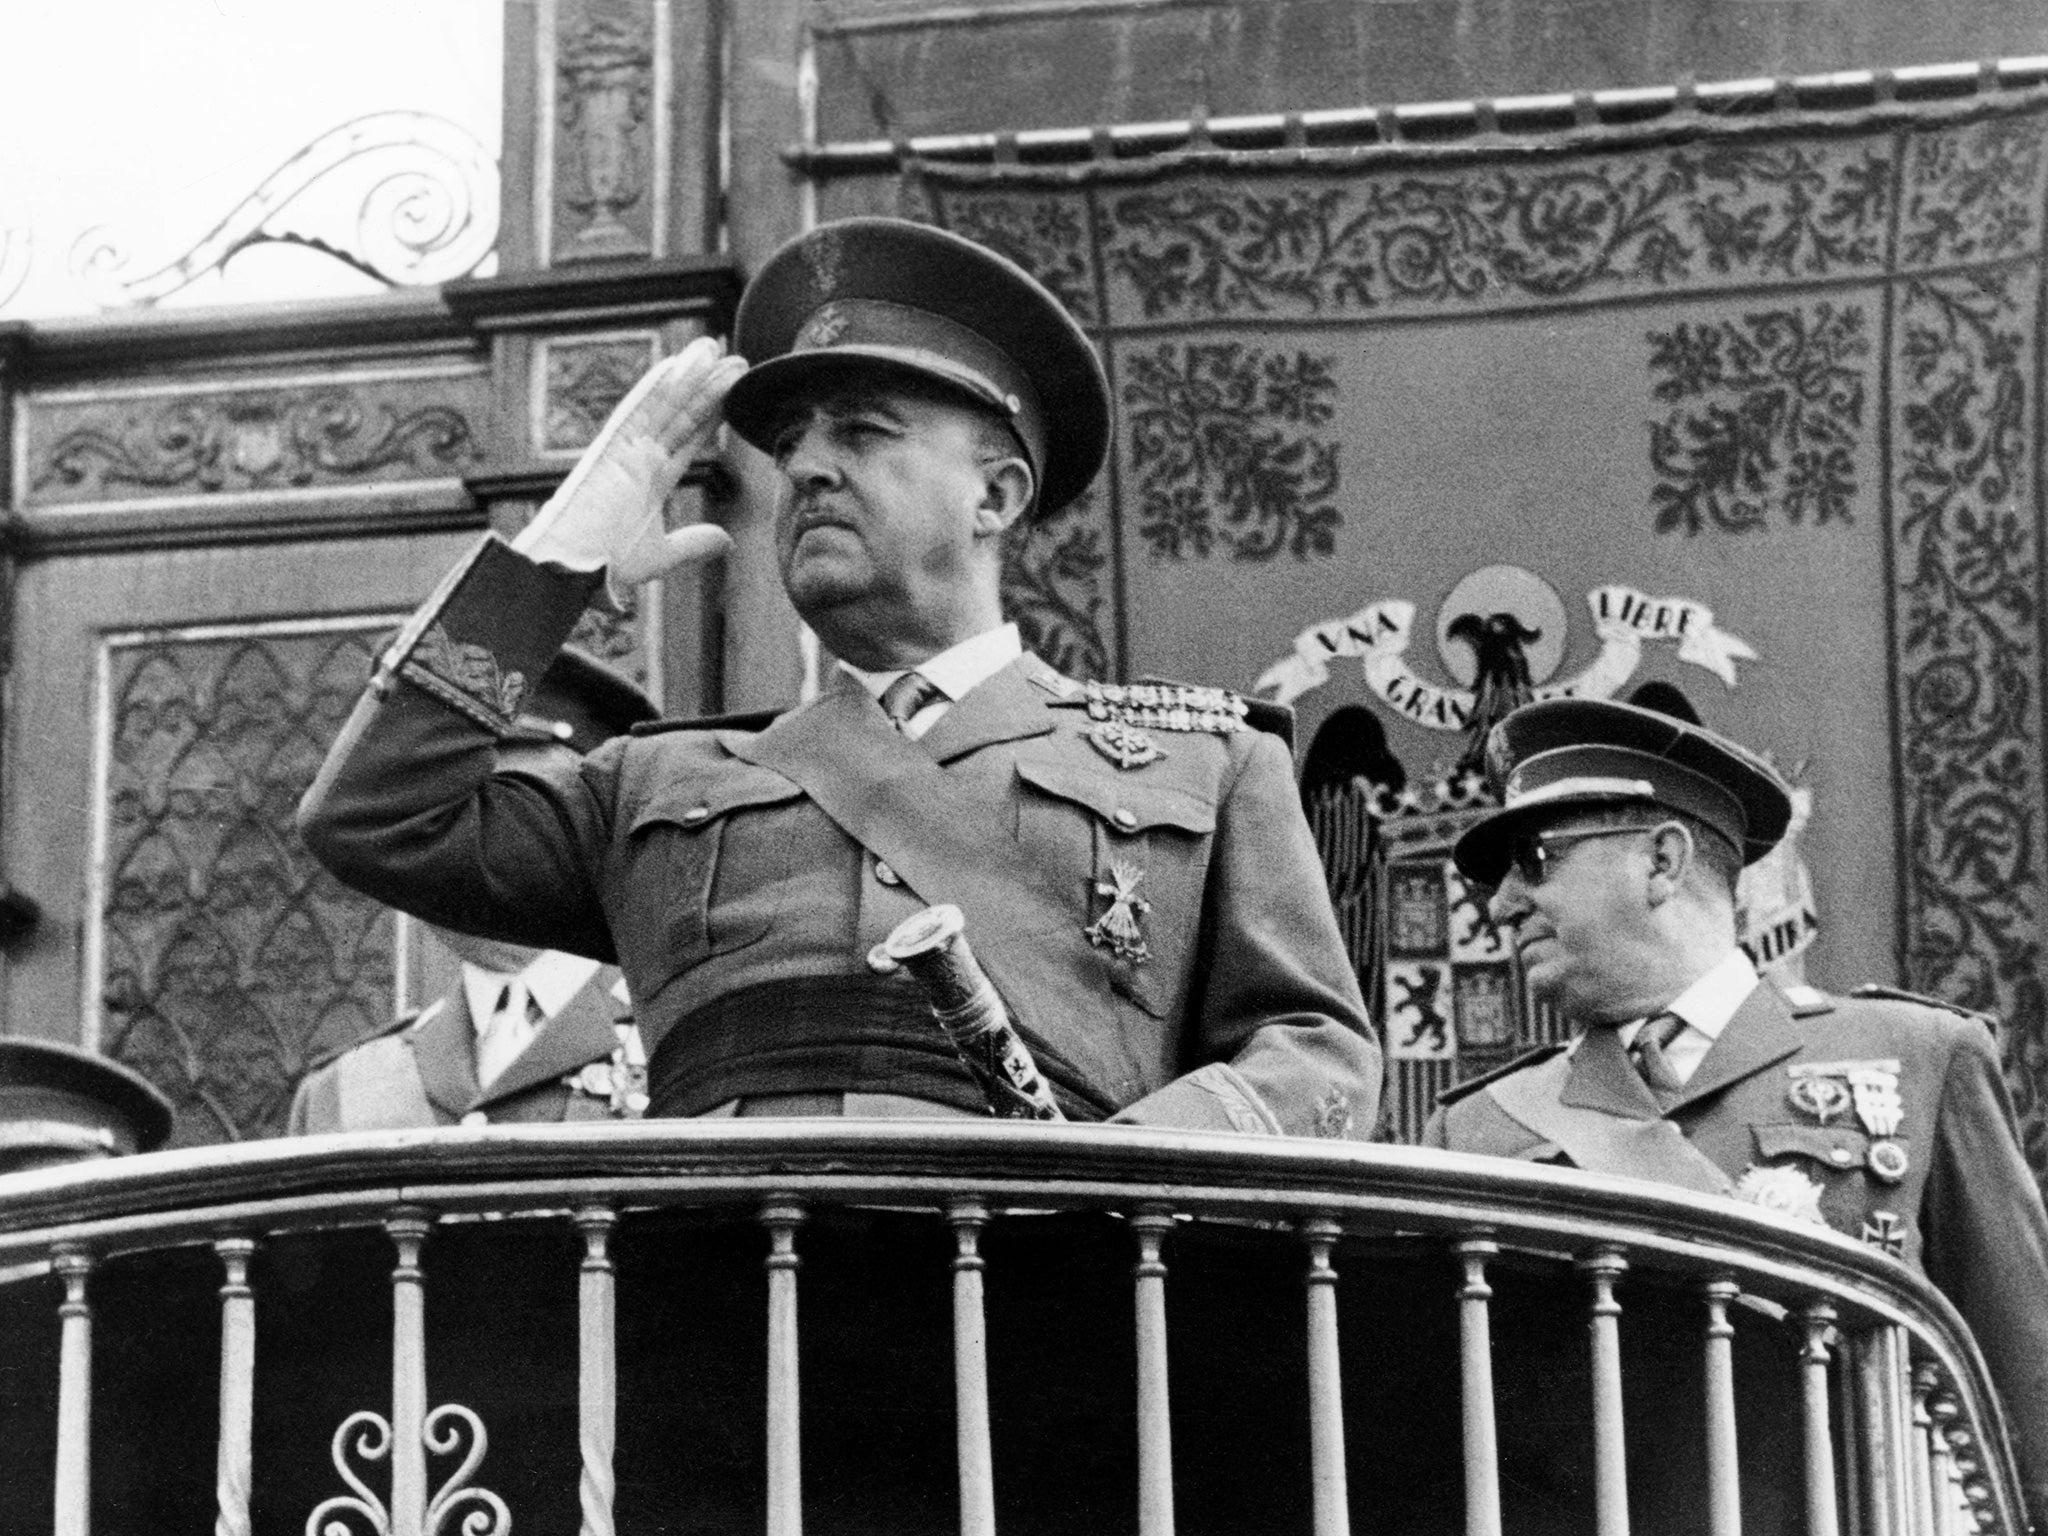 Fotografía de Francisco Franco quien promulgó las leyes Fundamentales en el Franquismo.